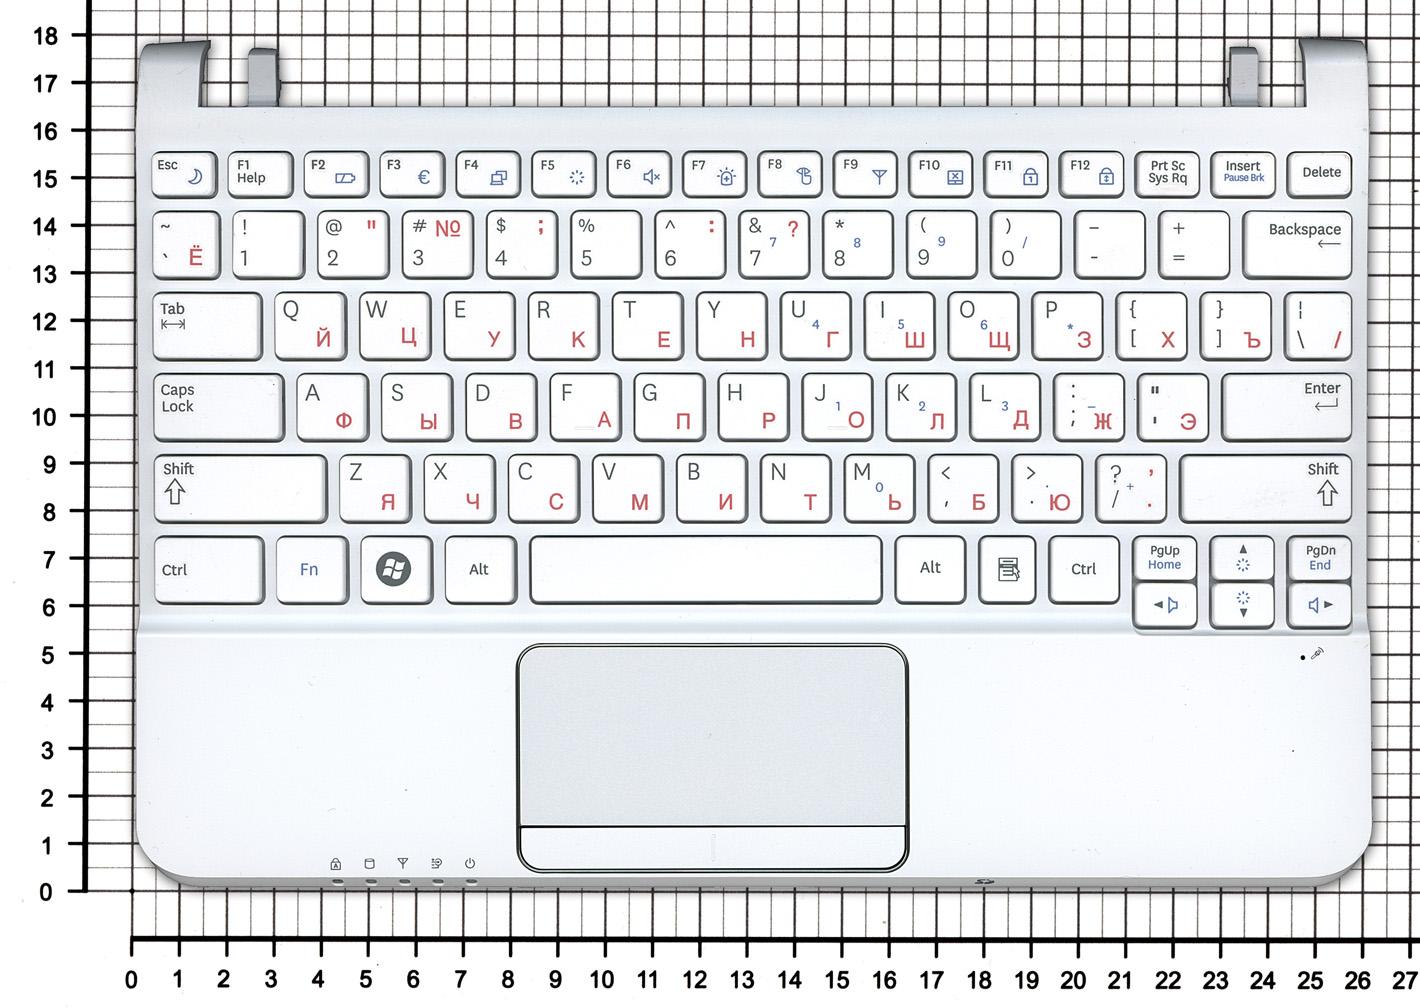 клавиатура для распечатки в виде картинки его так